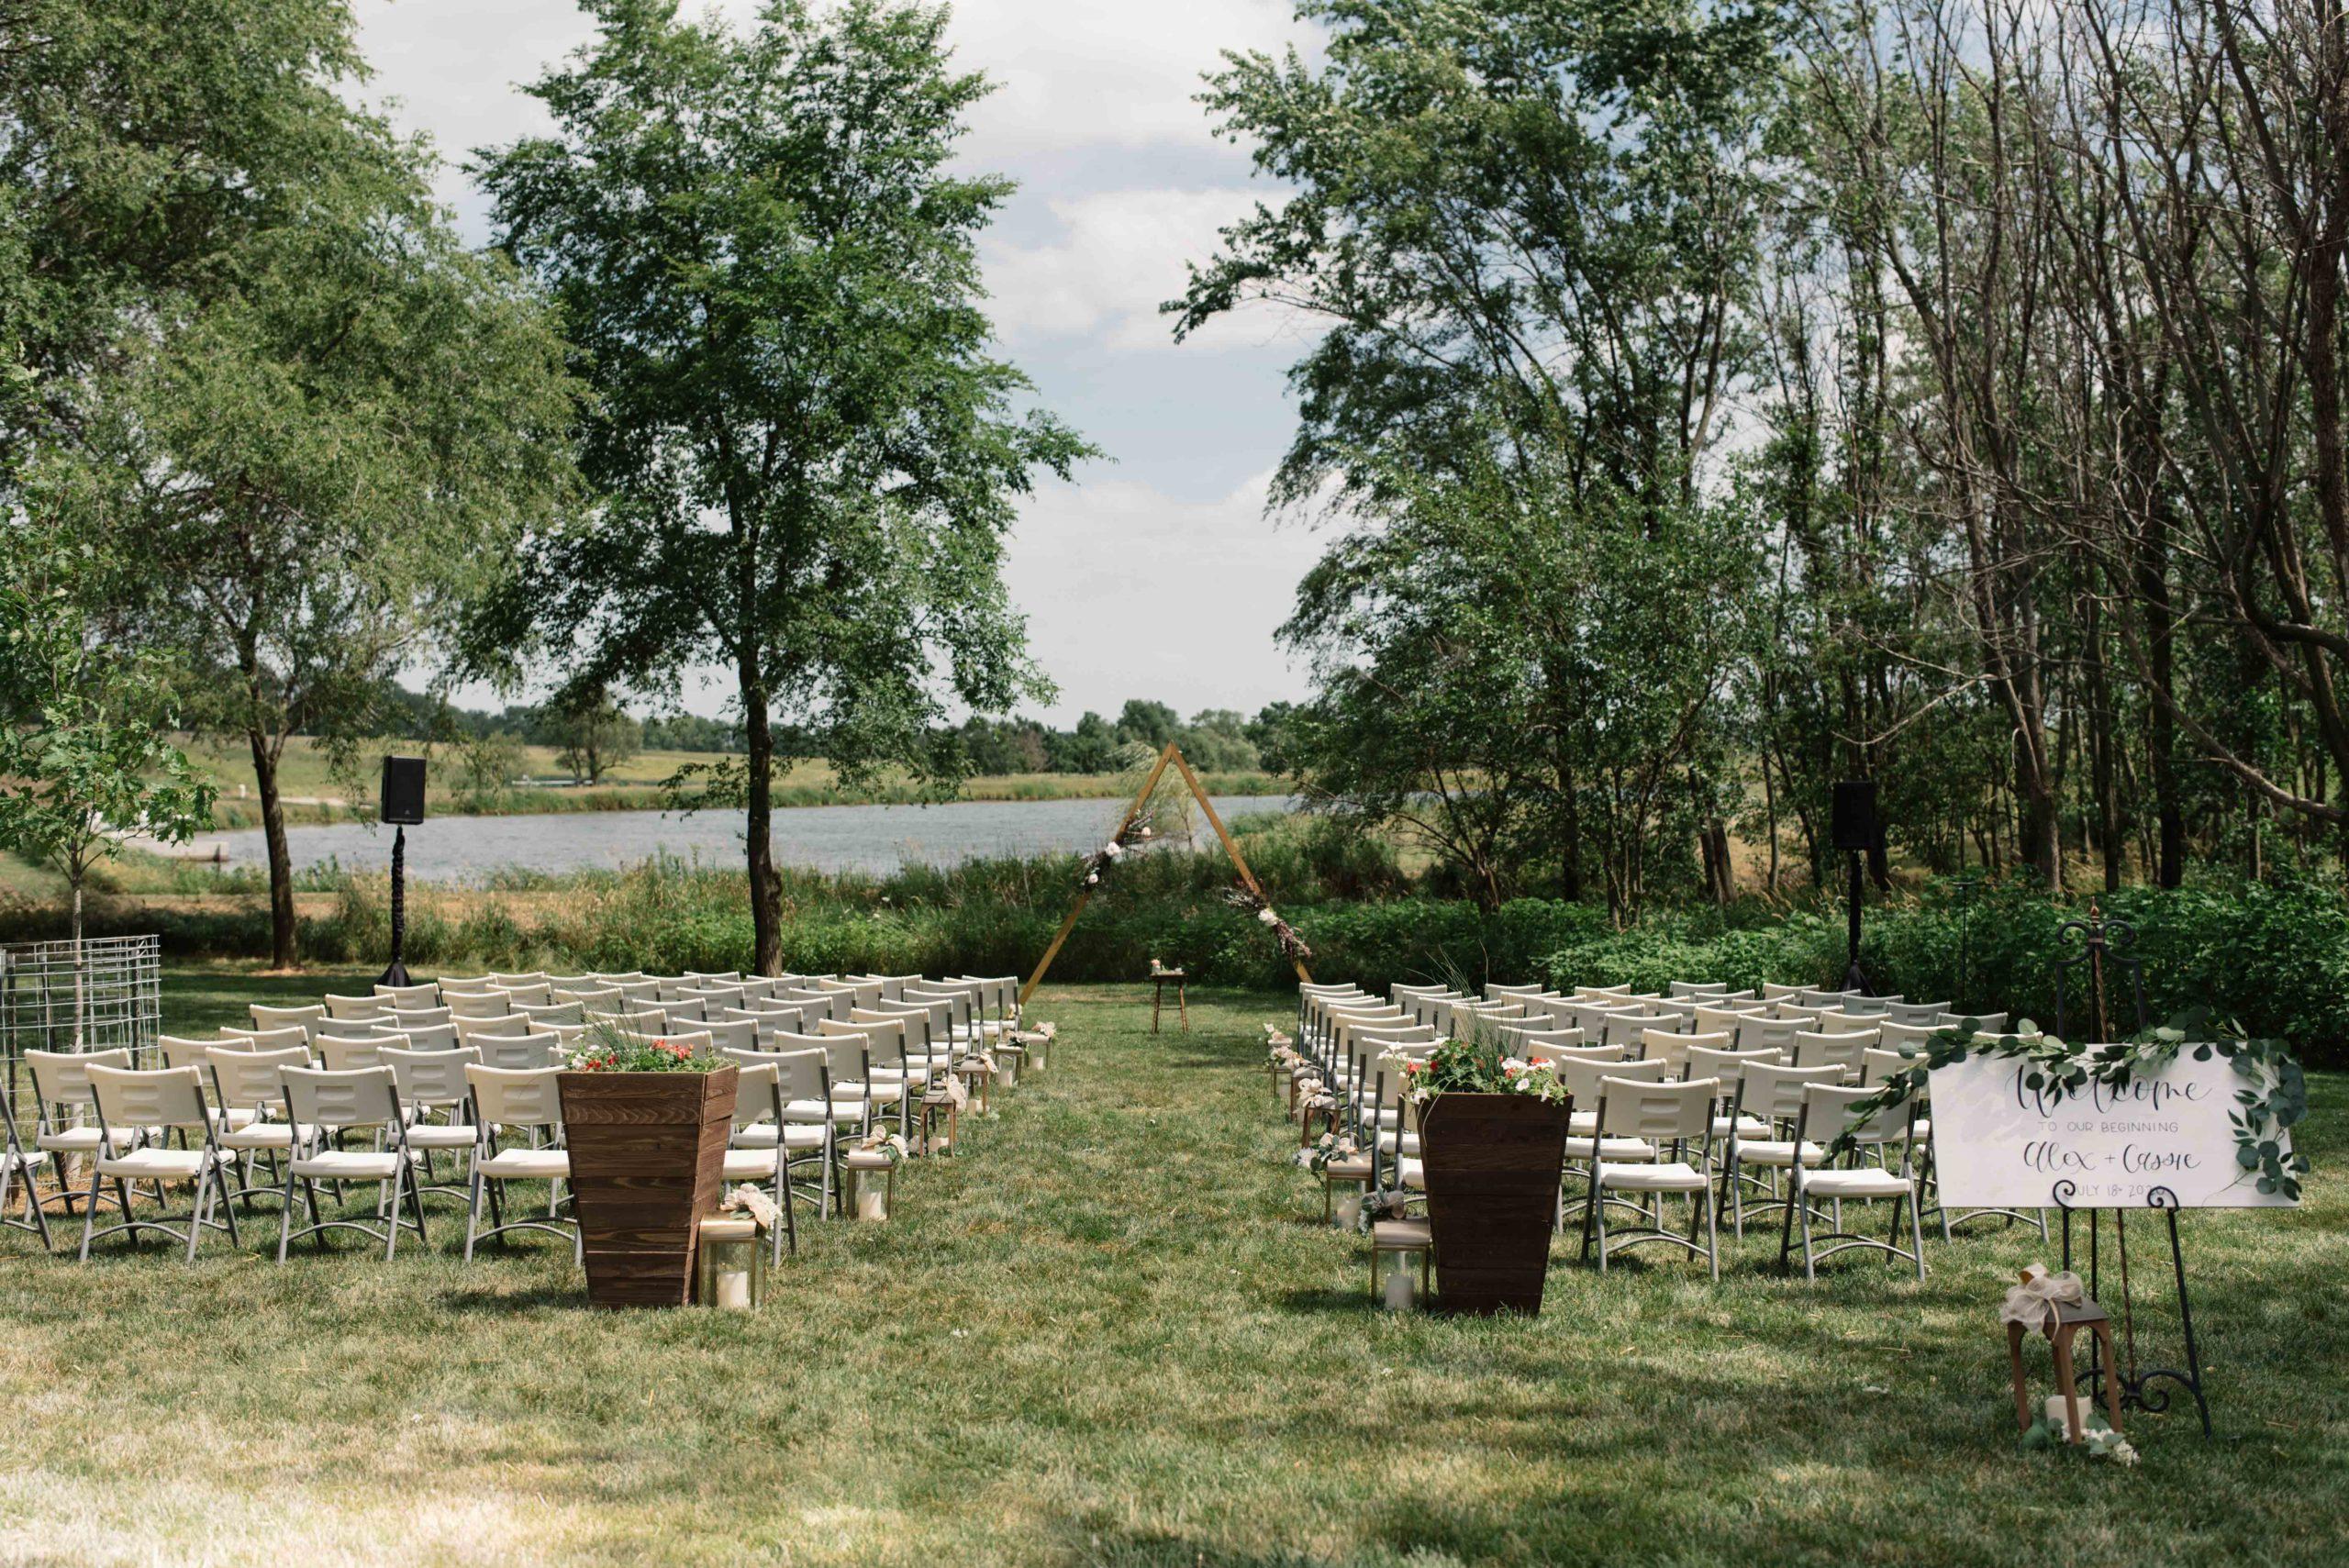 triangle wooden altar at outdoor Iowa barn wedding schafer century barn wedding venue